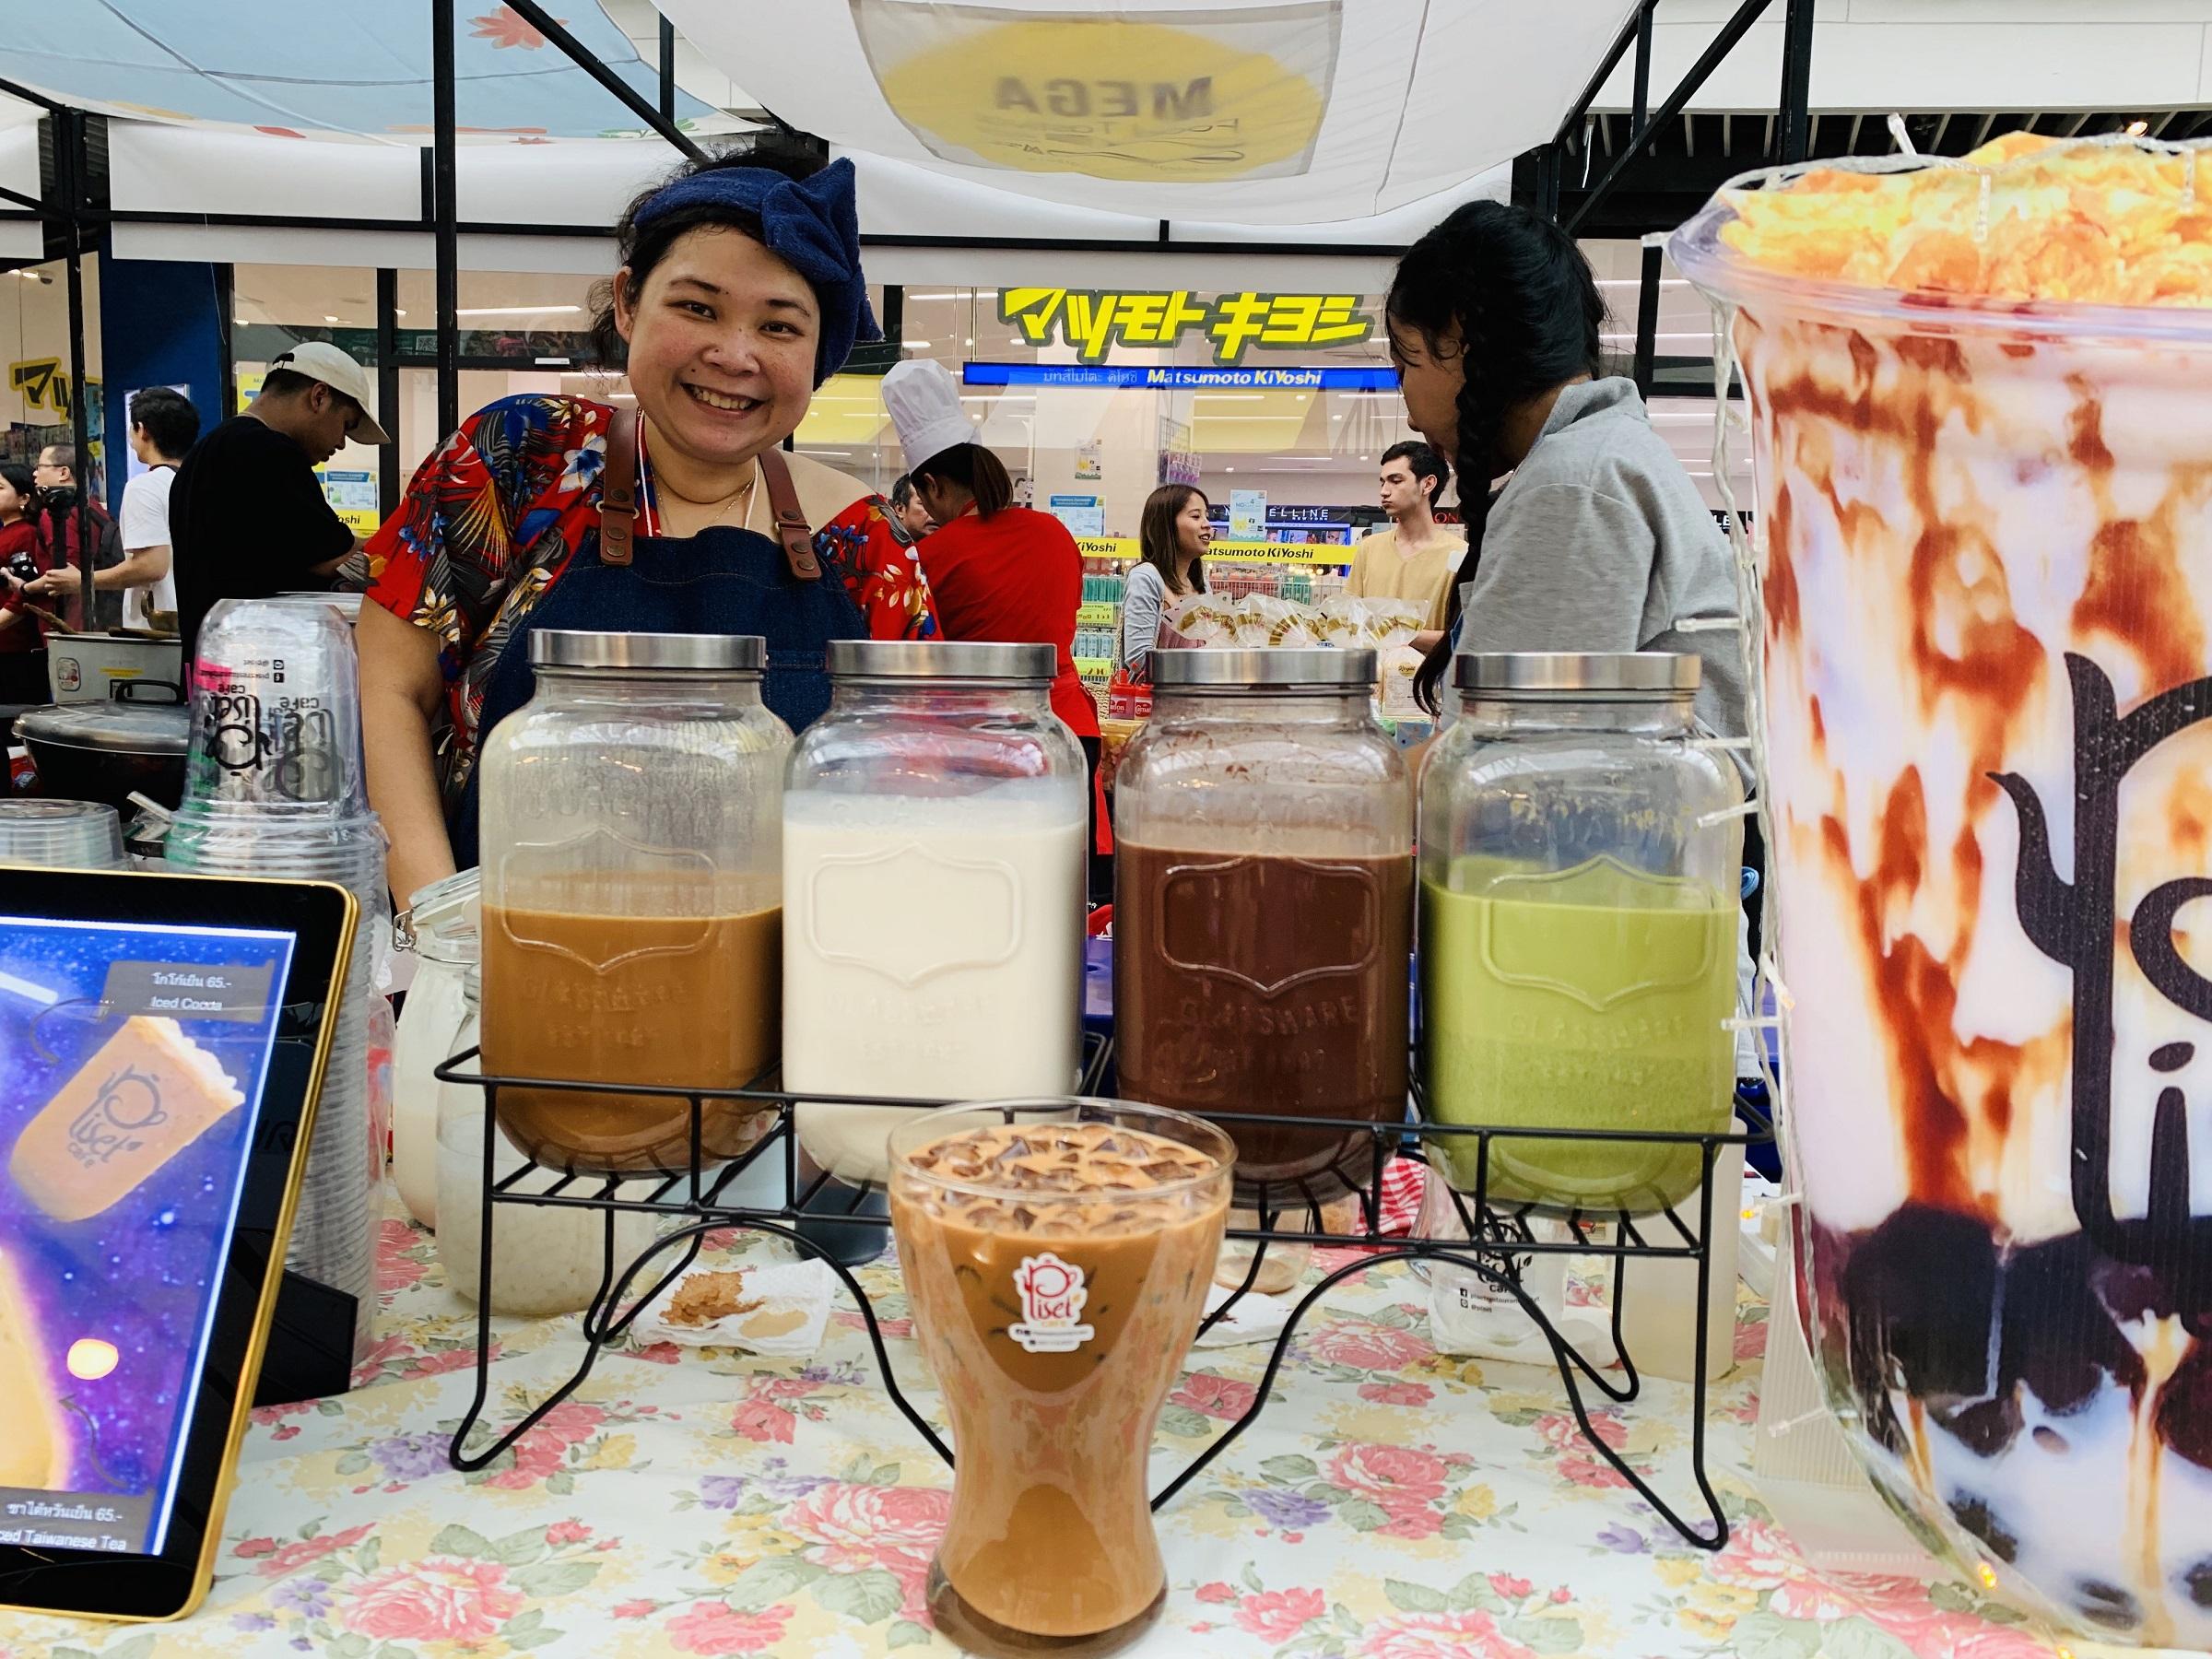 """ตะลุยกิน!!  ร้านอร่อยแบบโลคอล """"เมกา ฟู้ด เทสติวัล 2019"""" เริ่มแล้ววันนี้"""